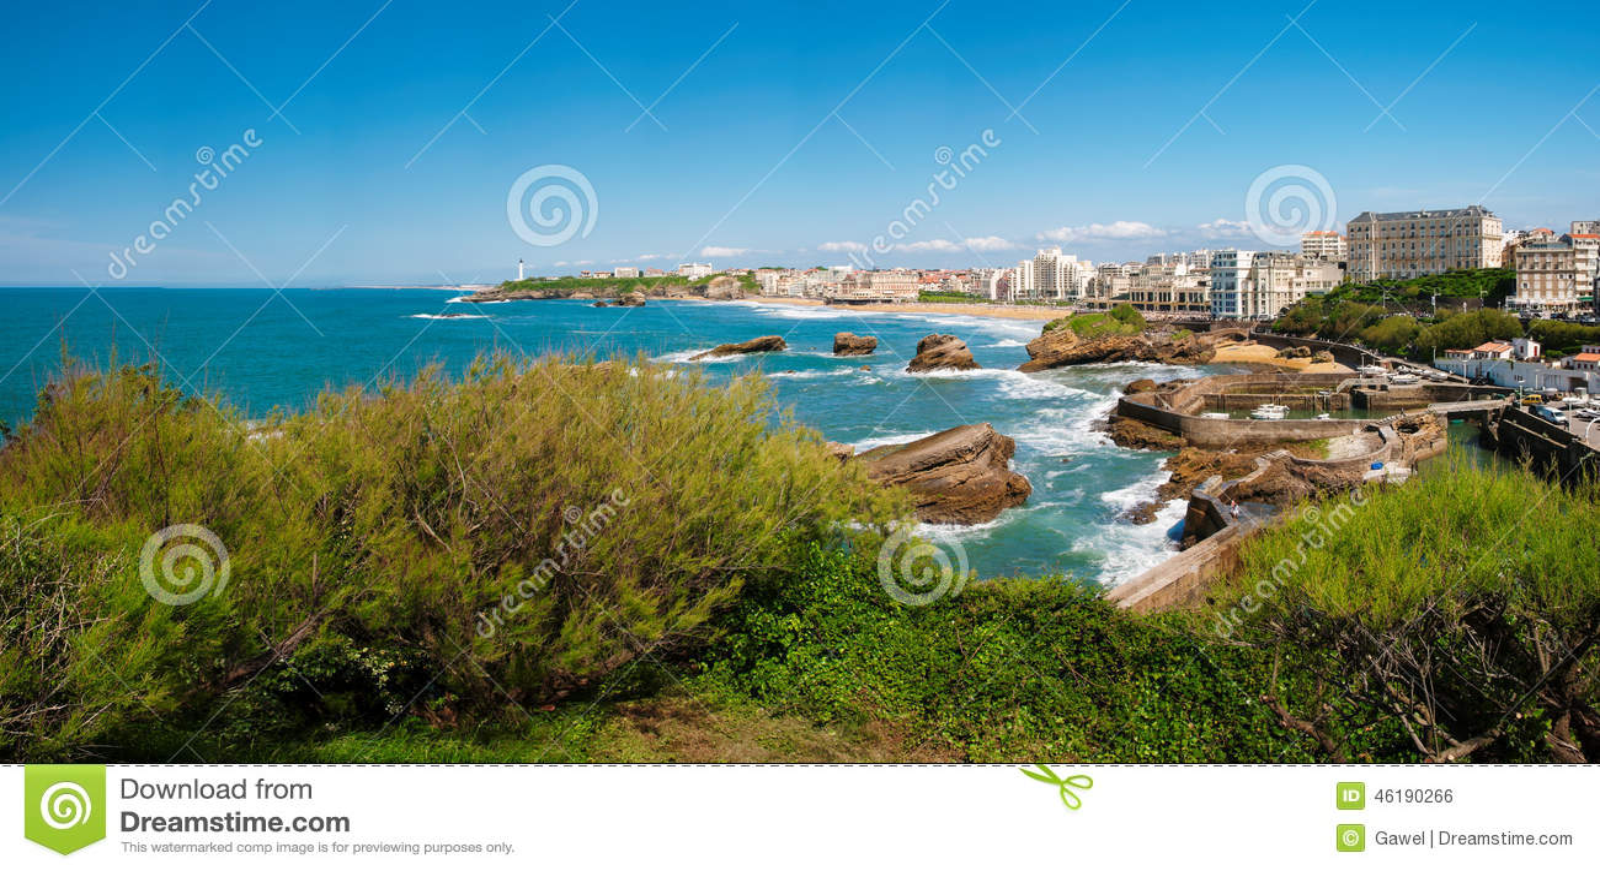 Biarritz, Panorama des Leuchtturmes, des Strandes und der Stadt, Frankreich